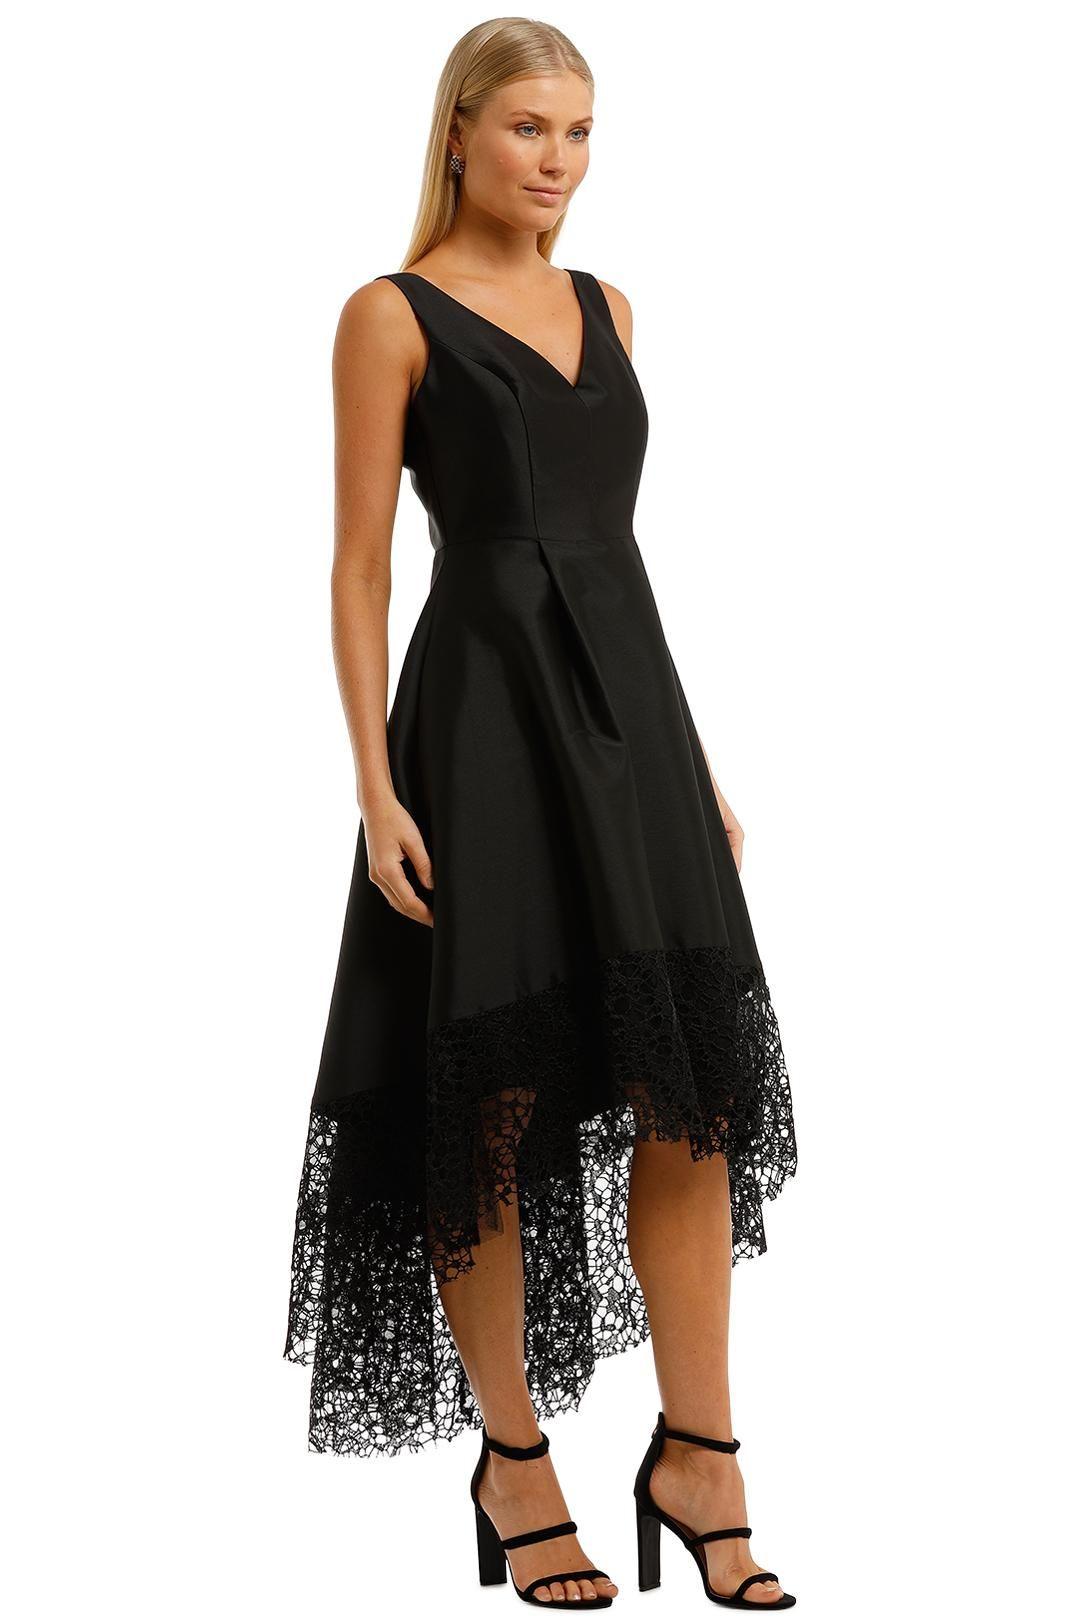 Anthea Crawford Satin Hi Lo Dress Black Sleeveless